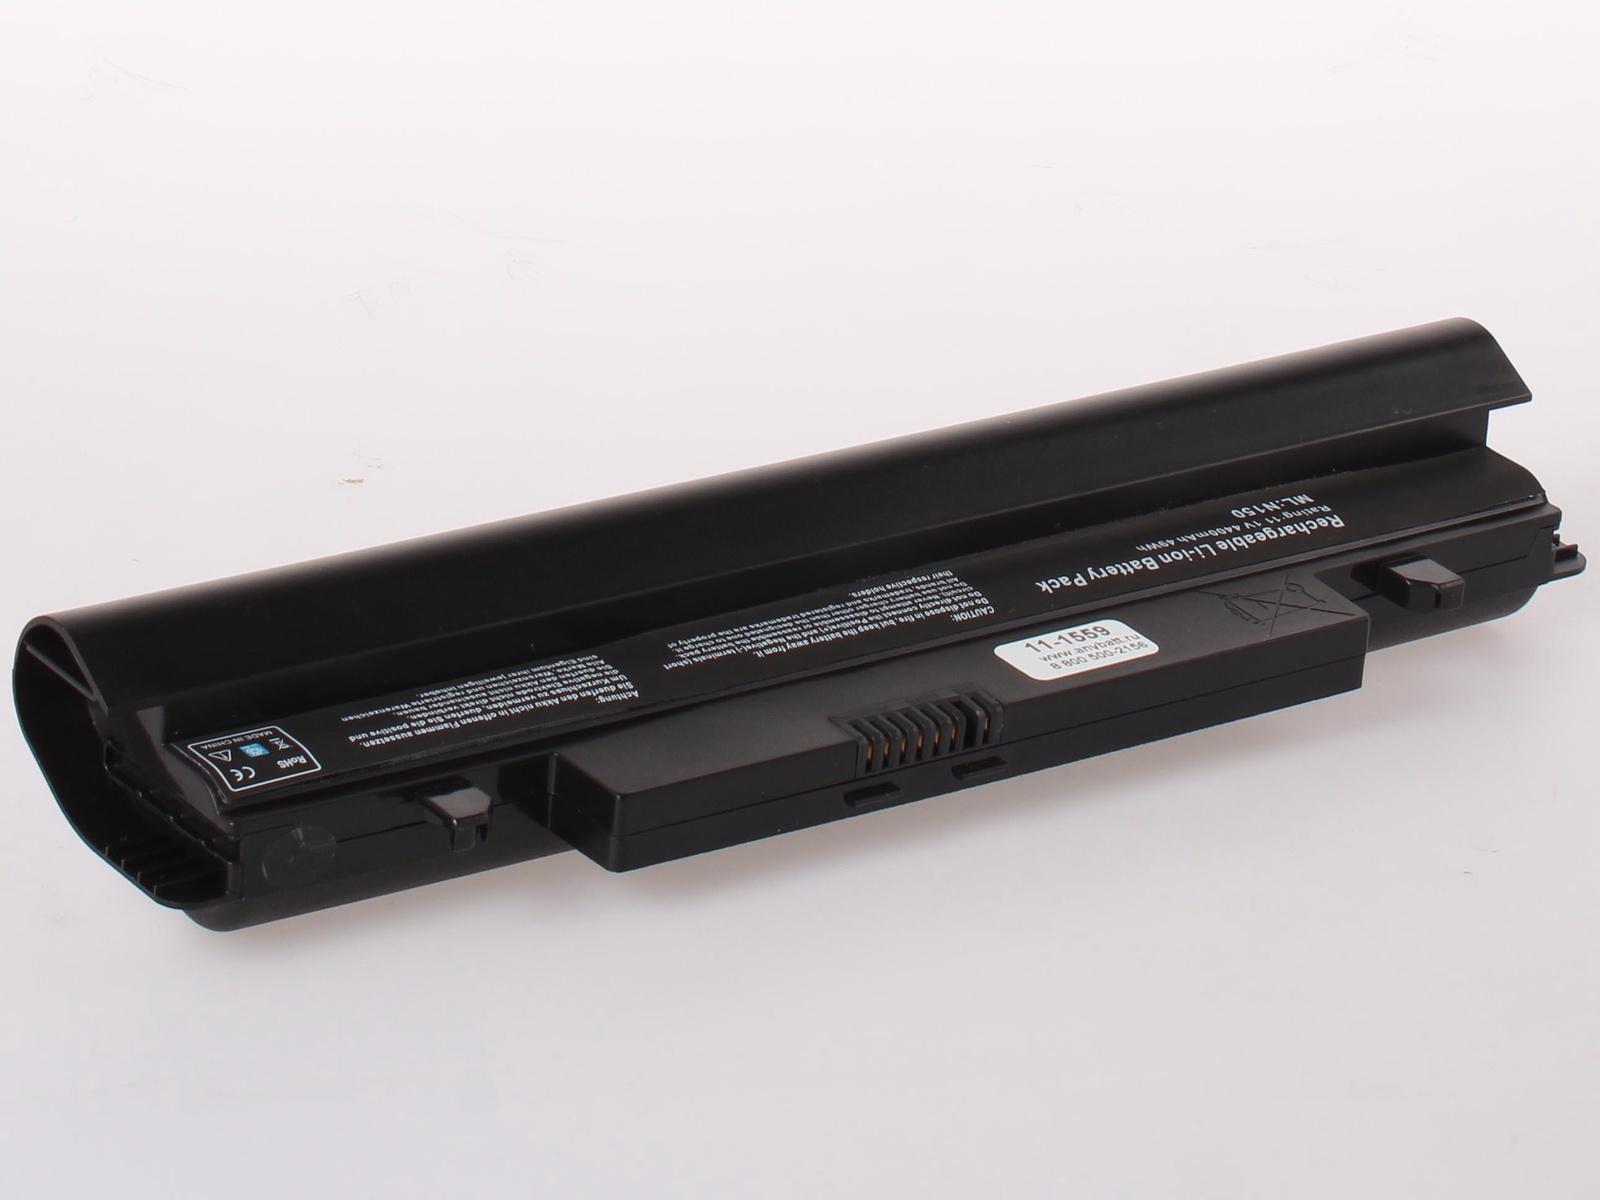 Аккумулятор для ноутбука AnyBatt для Samsung N150, N100, N150 Plus, N145, N102, NP-N150, NP-N100, N100SP, N100S, NP-N145, N148, N143, NP-N350, N100-MA02, N102-JA02, N145-JP01, N100-MA01, N100S-N06, N150-JA01, NP-N148, N150-JP01 фолио n150